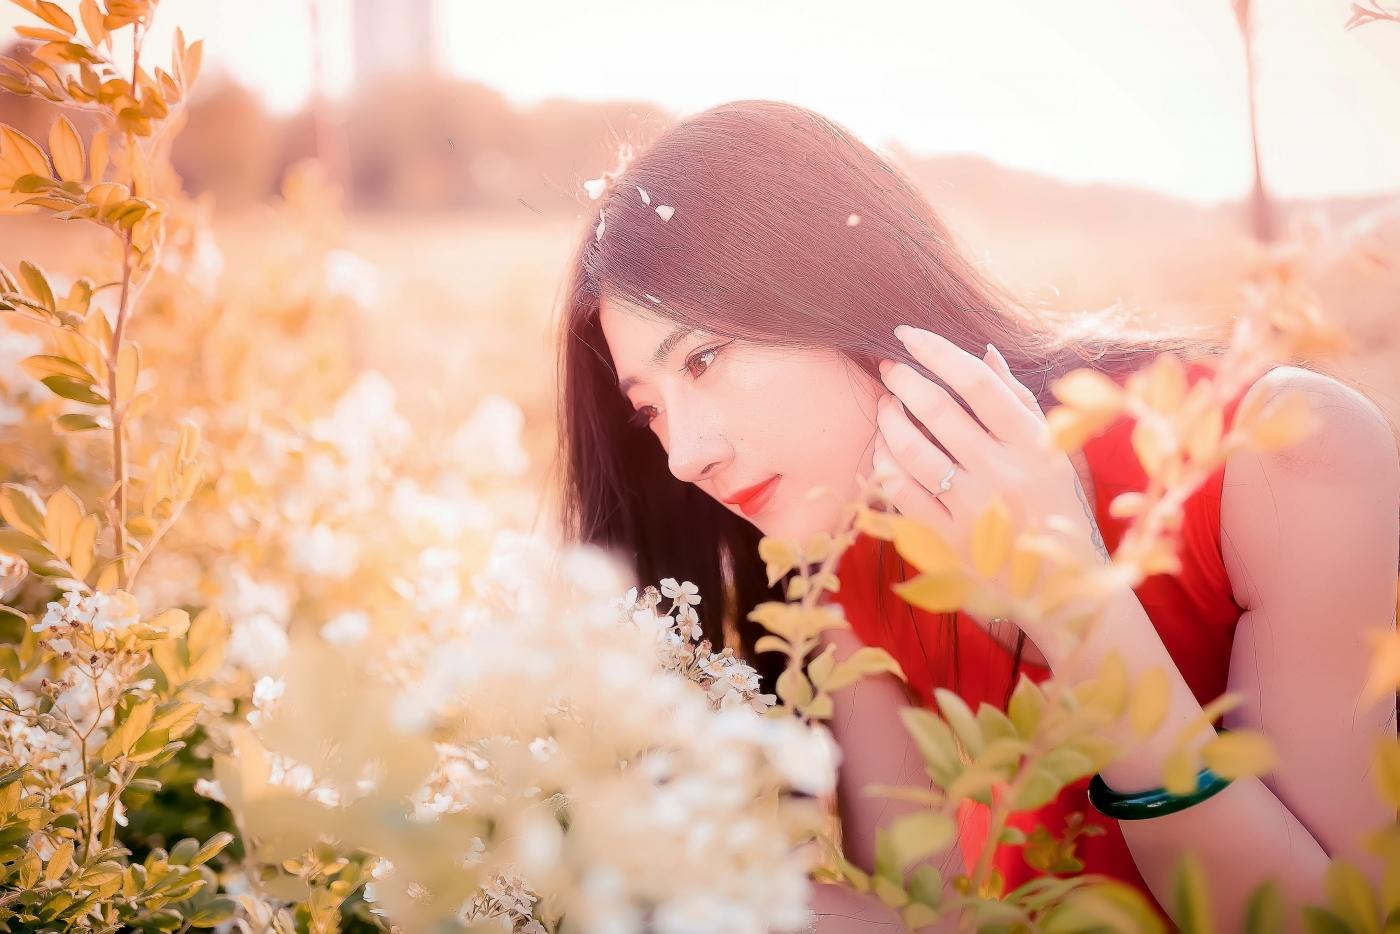 临沂大学有这么一道美丽的蔷薇长廊 当蔷薇MM王璐在她面前走过 ..._图1-3